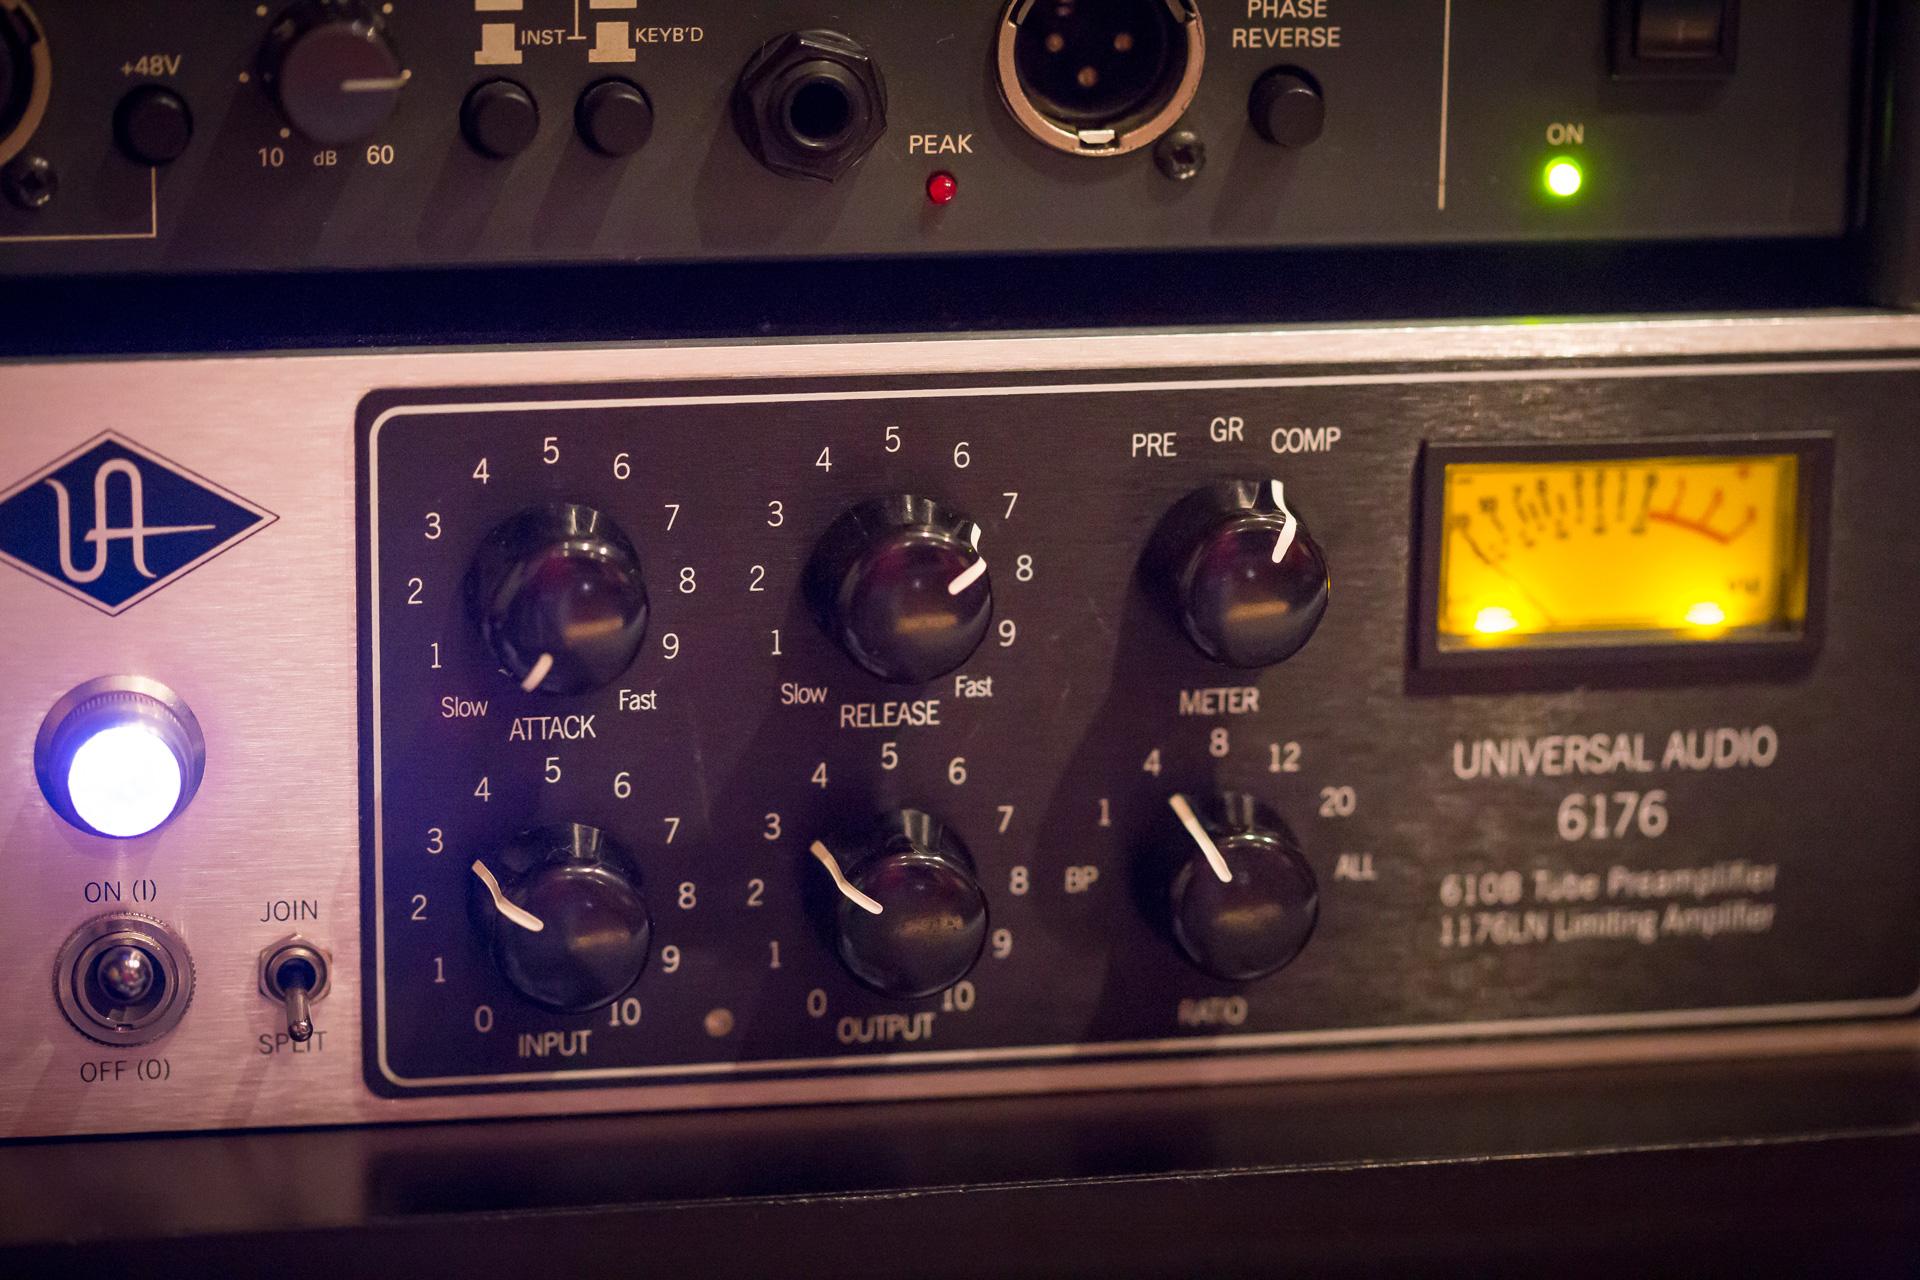 universal-audio-6176-1